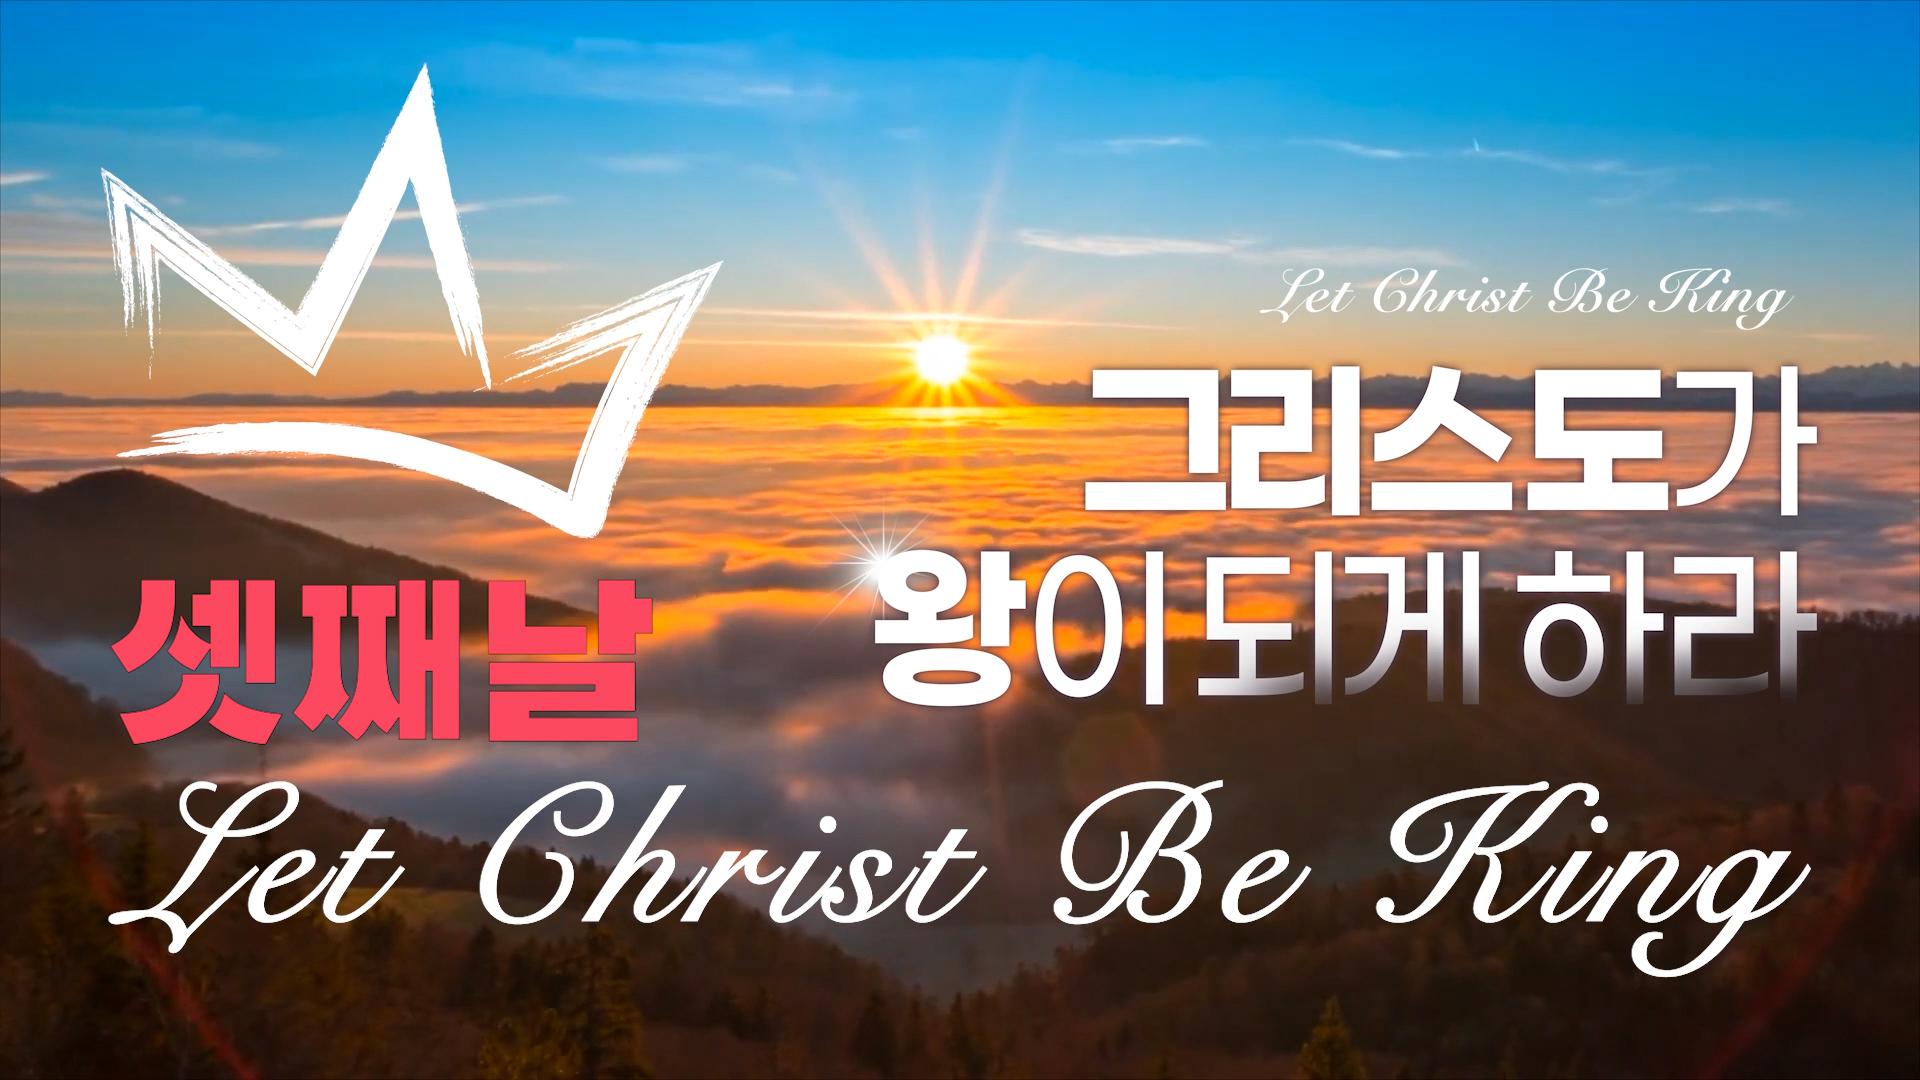 온전함을 사모하는 글로벌 특별새벽부흥예배 셋째날